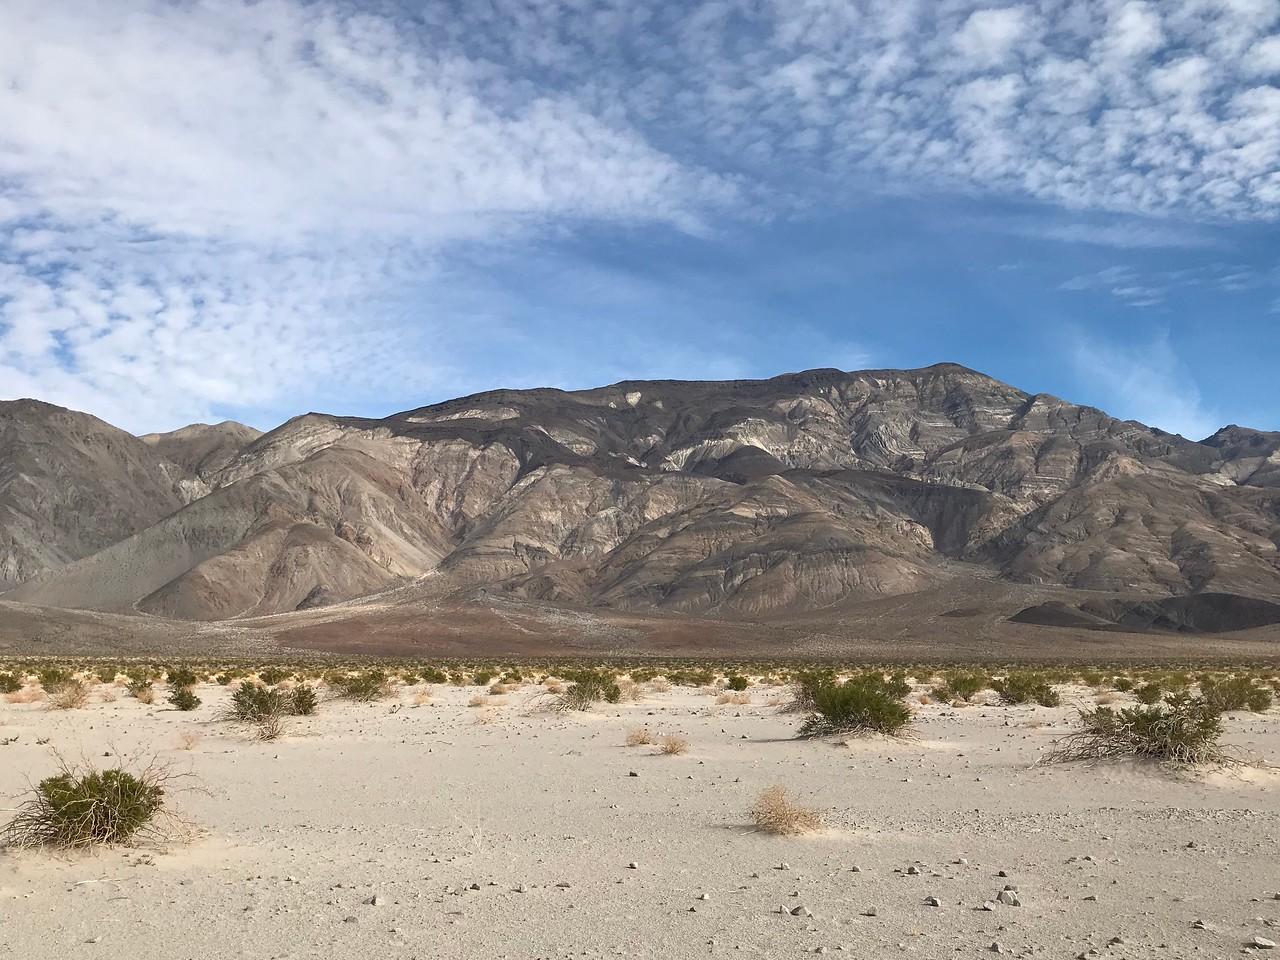 2018-01-03 - Photo 07 - Death Valley